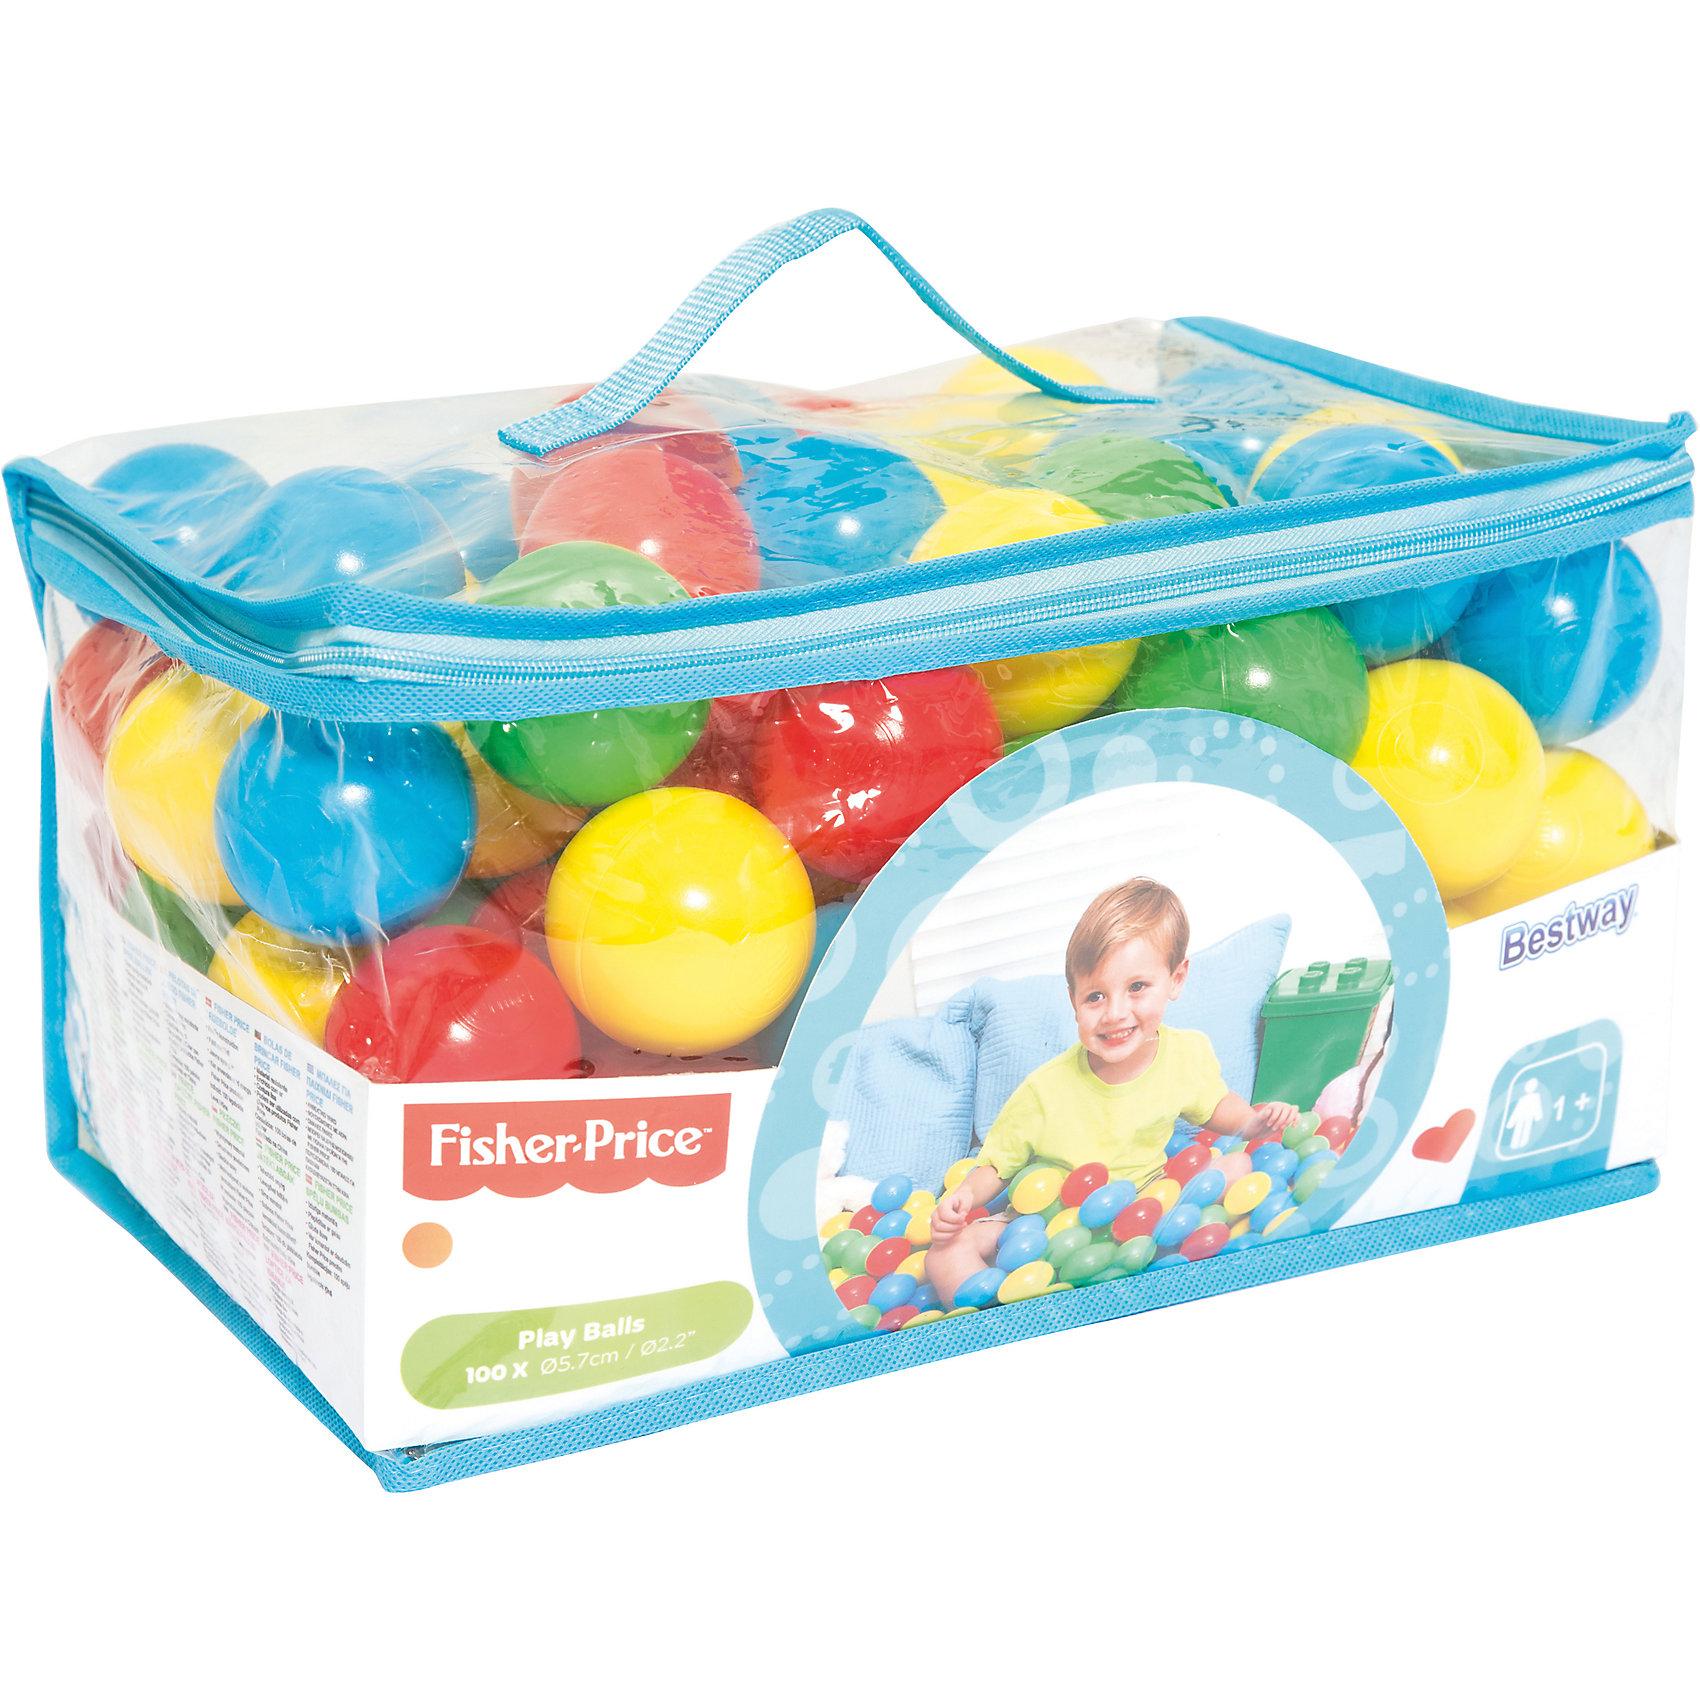 Шарики для игр 5,7 см 100 шт, Fisher Price, BestwayИгровые центры<br>Шарики для игр 5,7 см 100 шт, Fisher Price, Bestway (Бествей)<br><br>Характеристики:<br><br>• яркие разноцветные шарики для игры<br>• удобная упаковка<br>• диаметр шарика: 5,7 см<br>• количество: 100 шт<br>• вес: 694 грамма<br><br>Яркие шарики Bestway помогут разнообразить игры в бассейне. Яркие цвета шариков непременно привлекут внимание ребенка. Удобная упаковка поможет вам хранить шарики, не теряя их. Диаметр шарика - 5,7 сантиметра.<br><br>Шарики для игр 5,7 см 100 шт, Fisher Price, Bestway (Бествей) можно купить в нашем интернет-магазине.<br><br>Ширина мм: 600<br>Глубина мм: 380<br>Высота мм: 480<br>Вес г: 694<br>Возраст от месяцев: 12<br>Возраст до месяцев: 2147483647<br>Пол: Унисекс<br>Возраст: Детский<br>SKU: 5486980